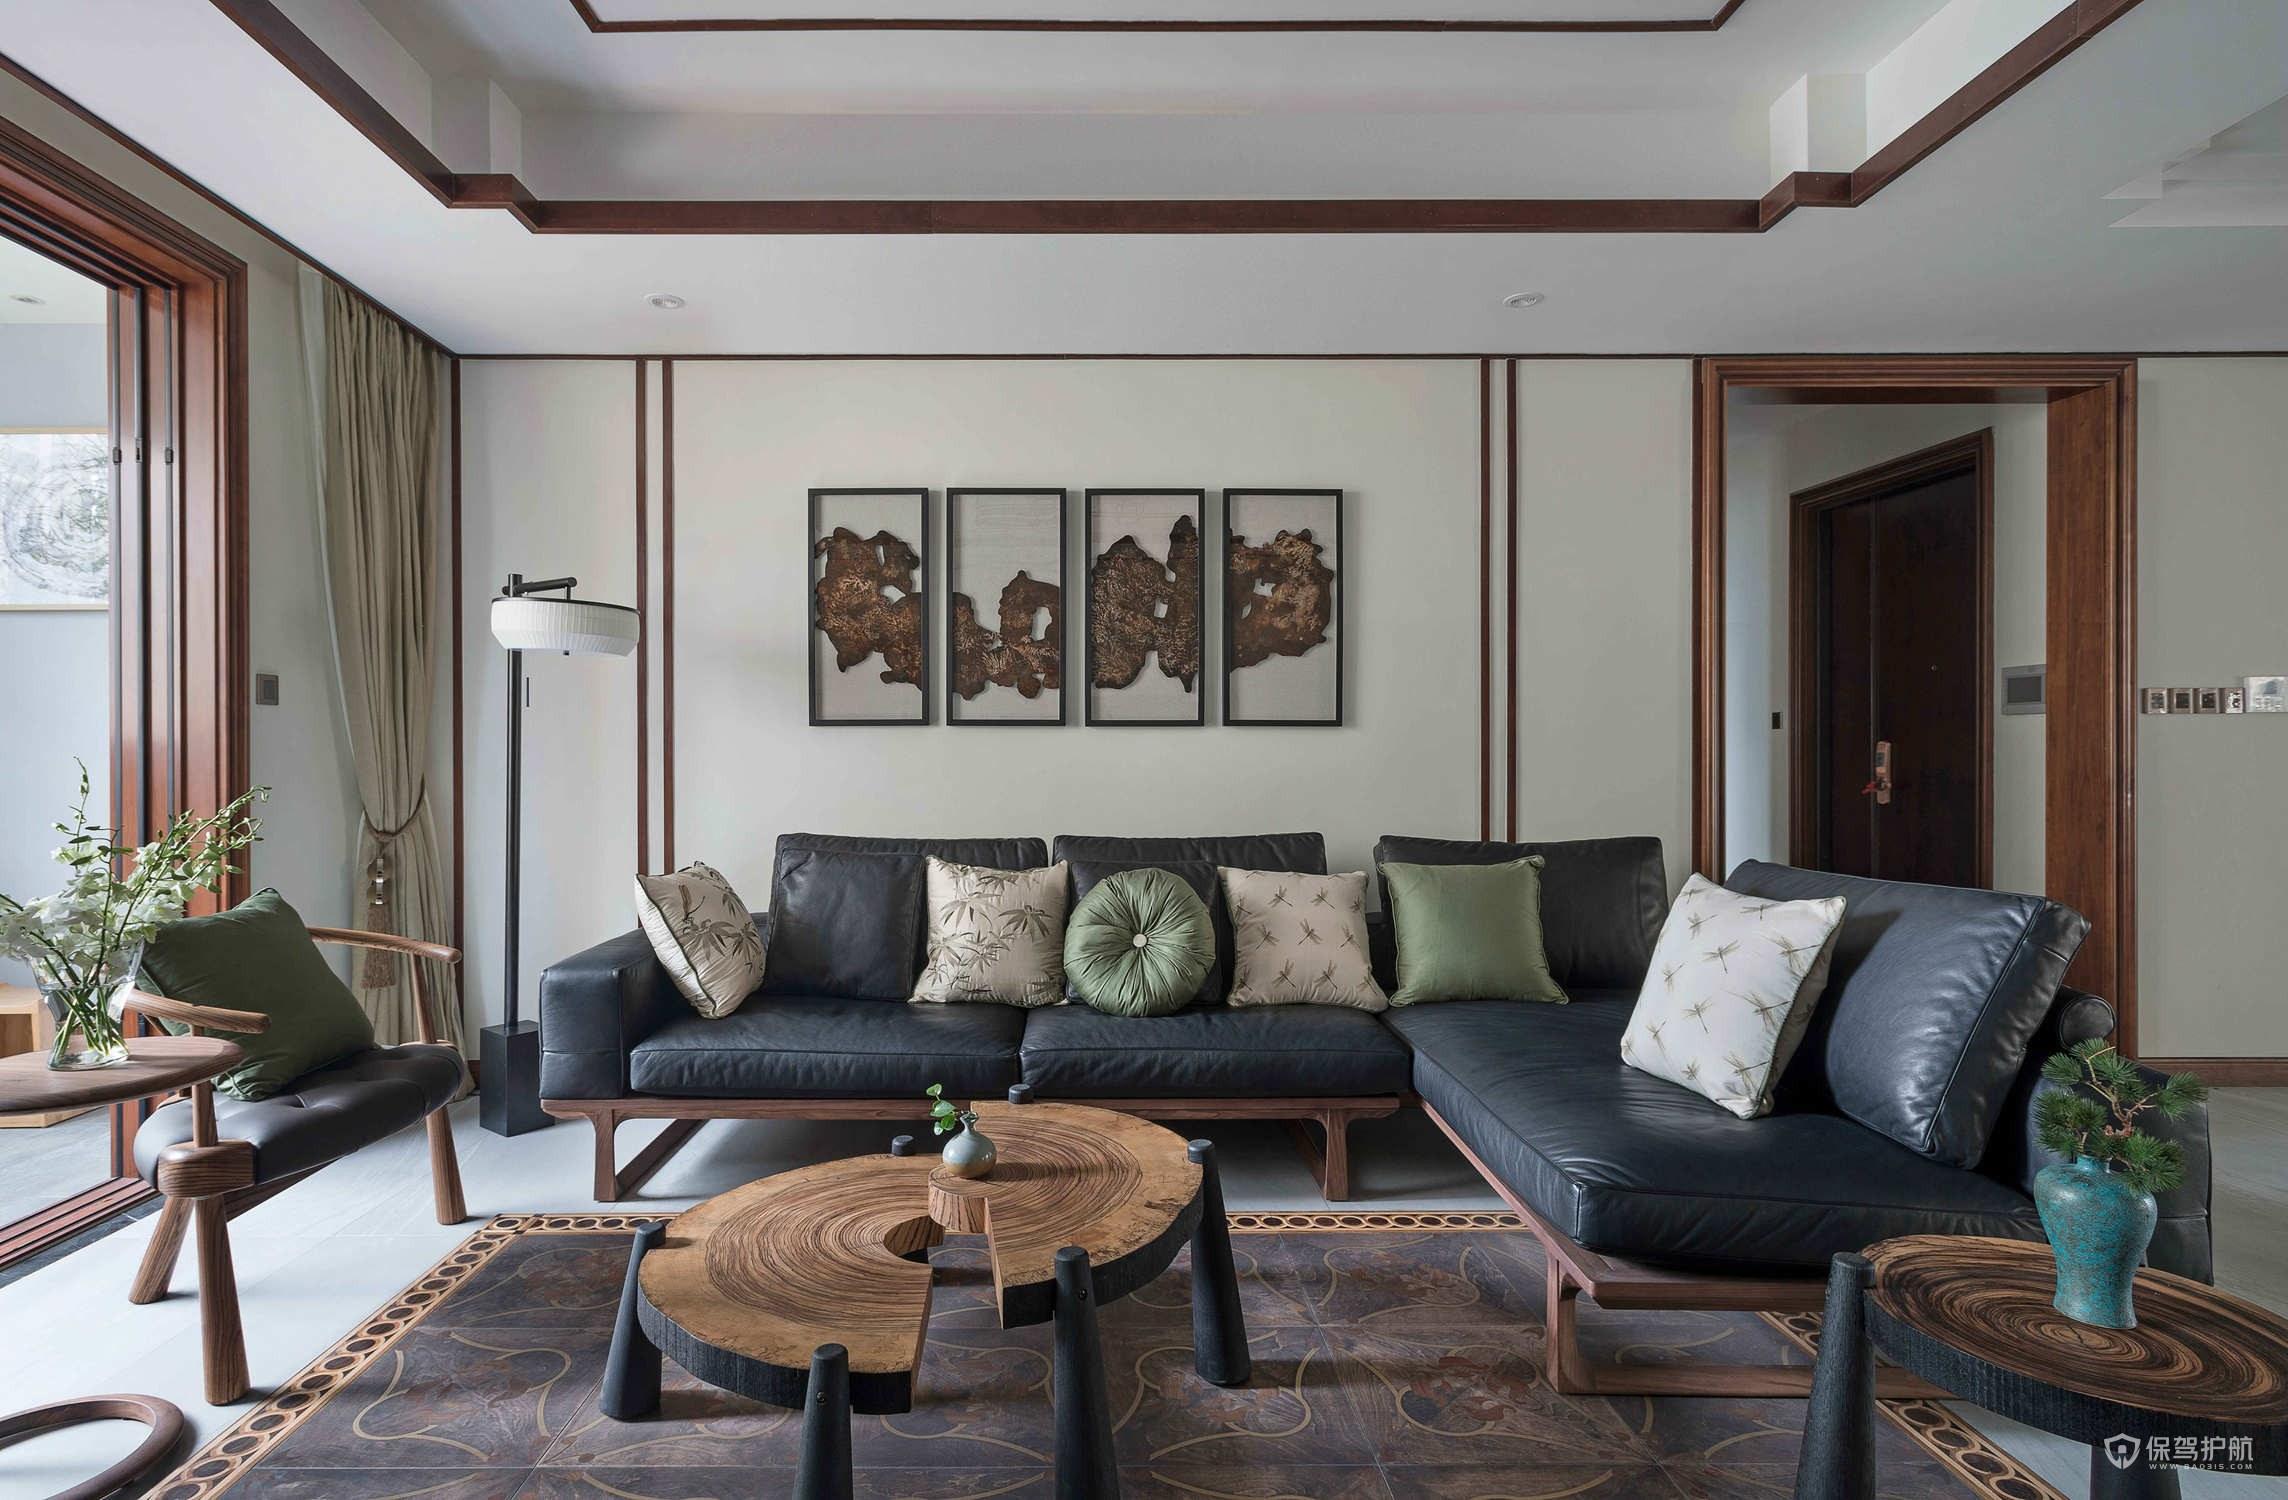 中式客厅摆件风水禁忌,中式客厅摆件要怎么放?